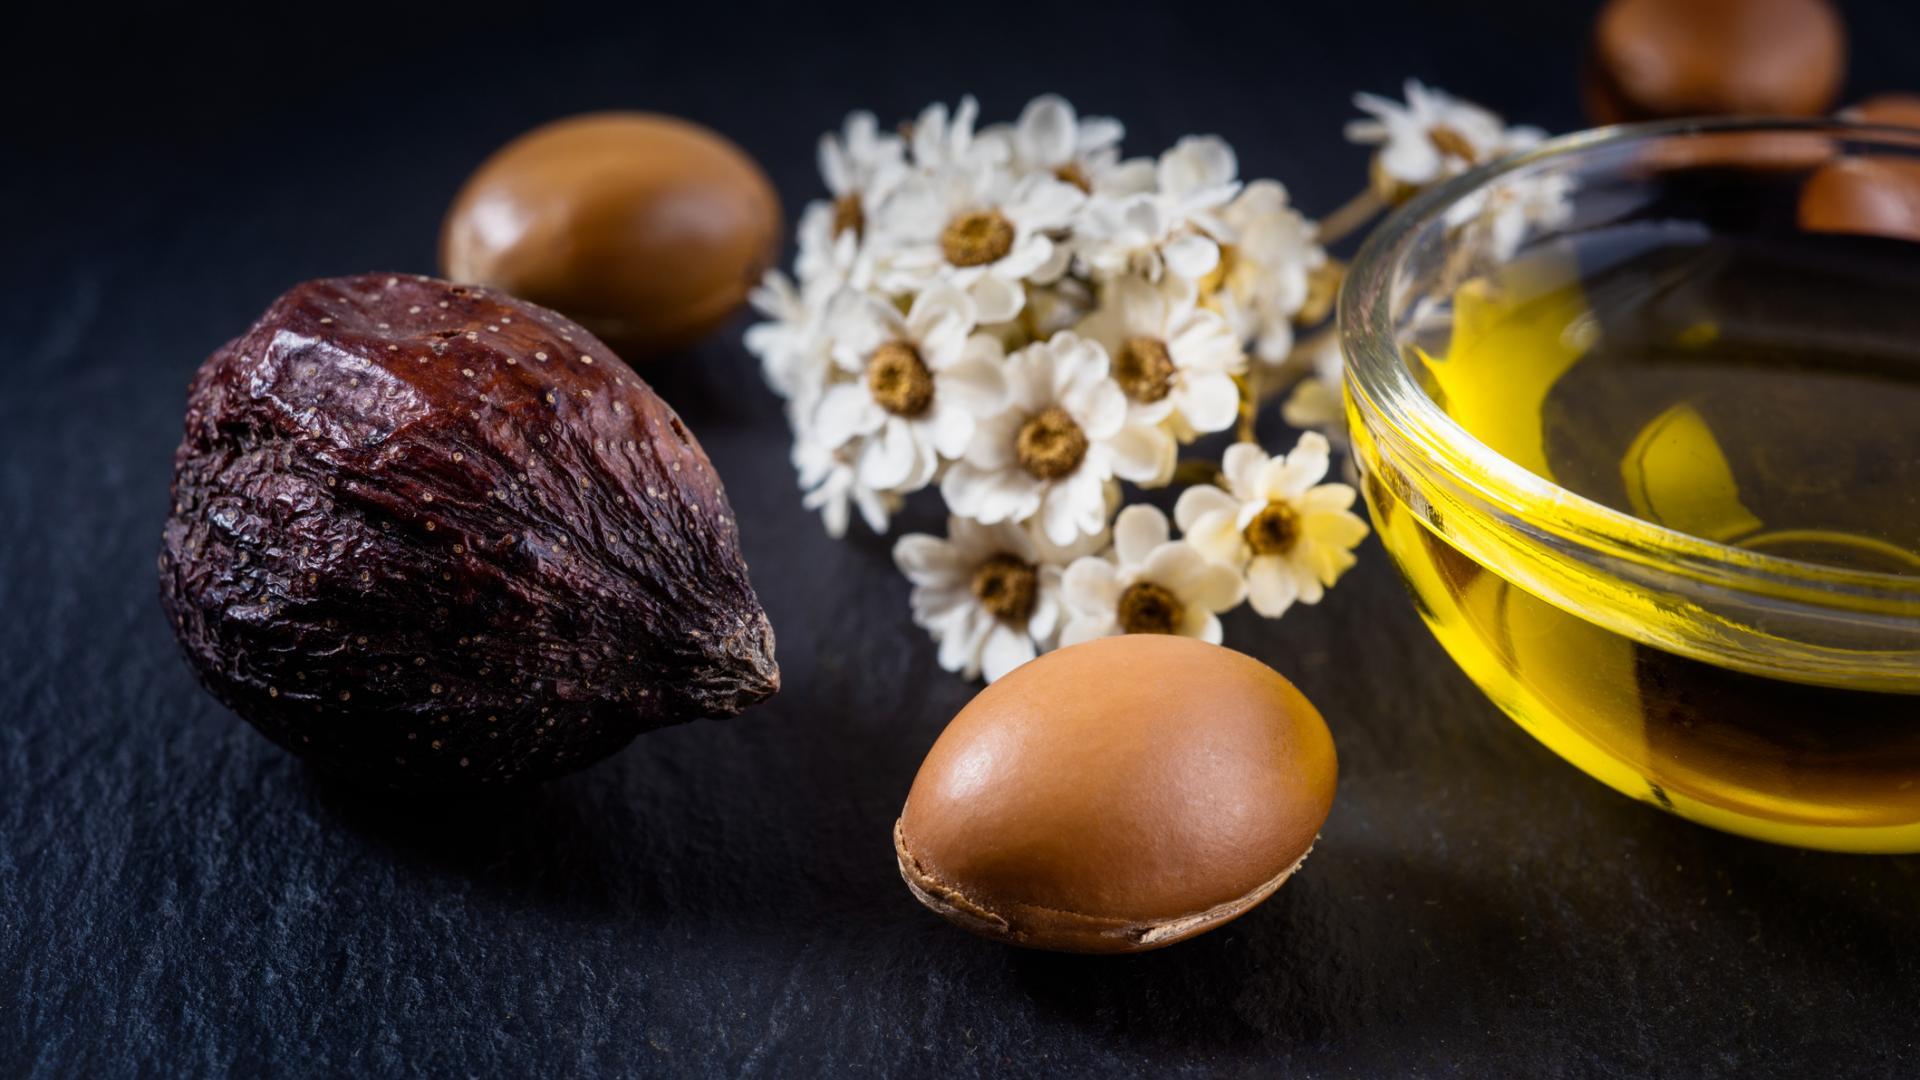 tabletop shot von organischen Früchten und Nuss mit Arganöl